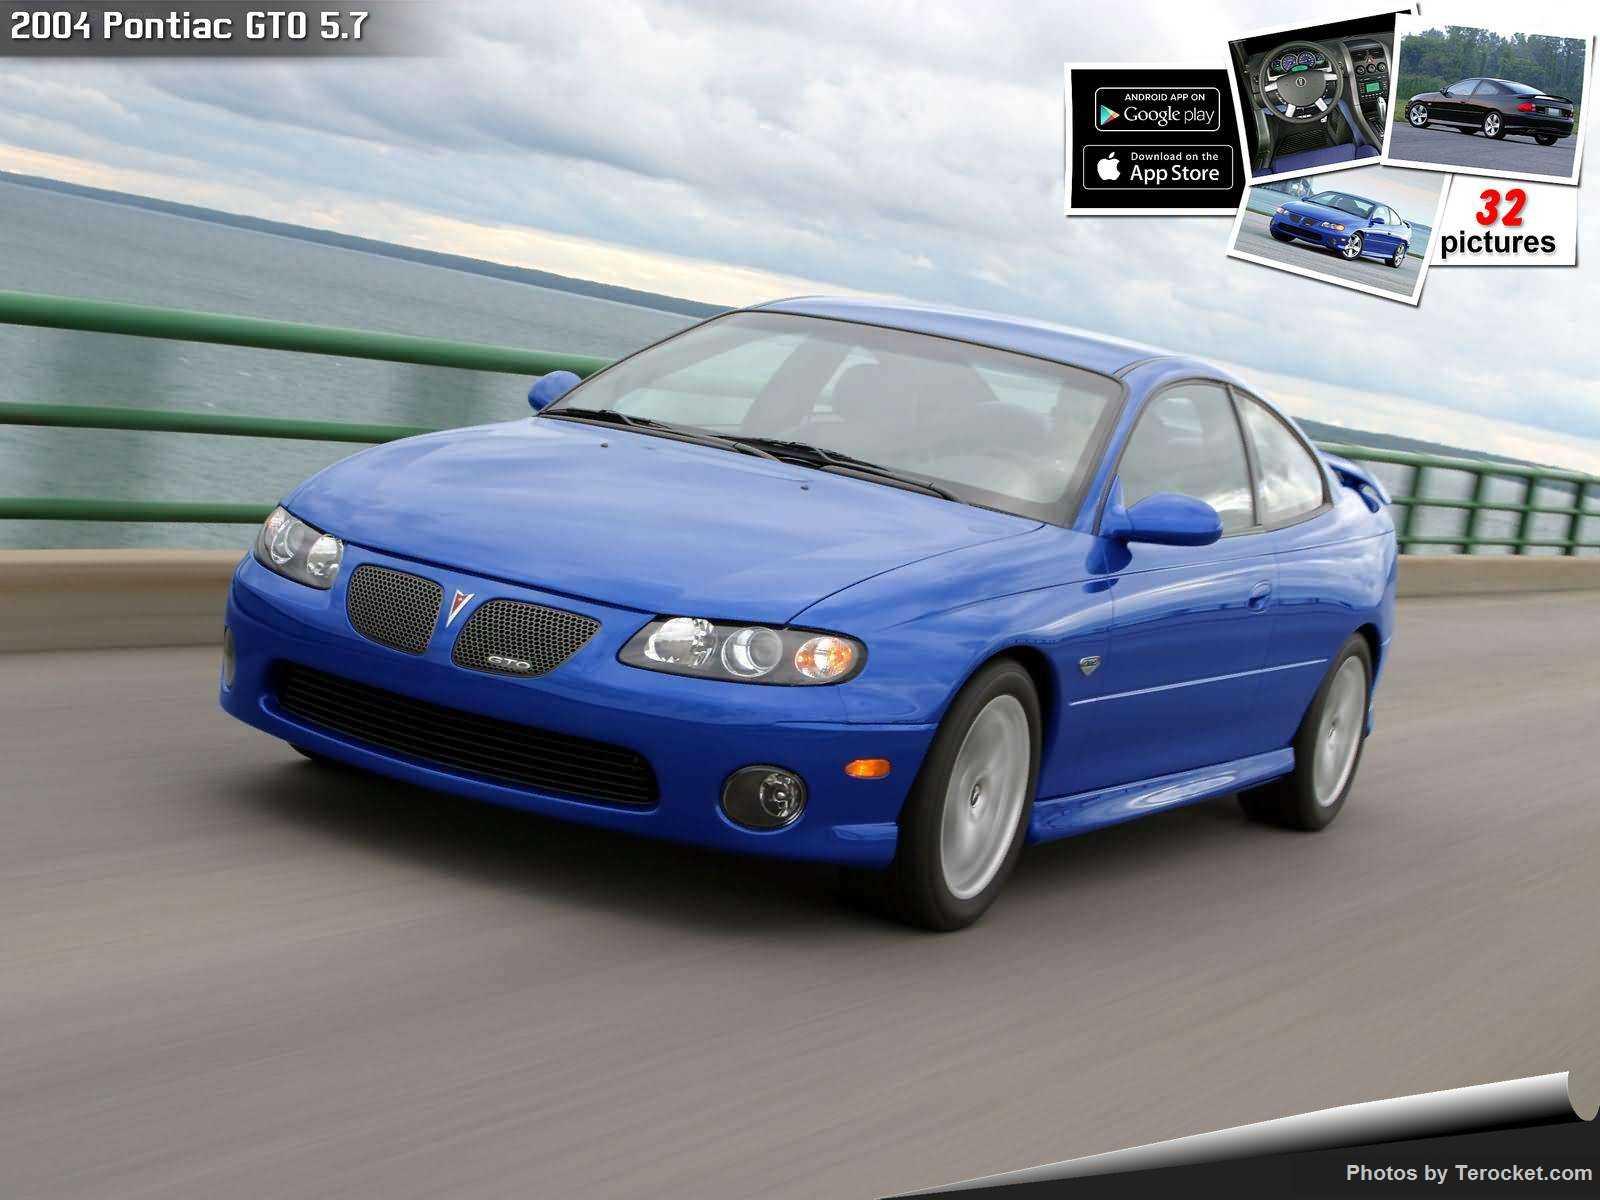 Hình ảnh xe ô tô Pontiac GTO 5.7 2004 & nội ngoại thất